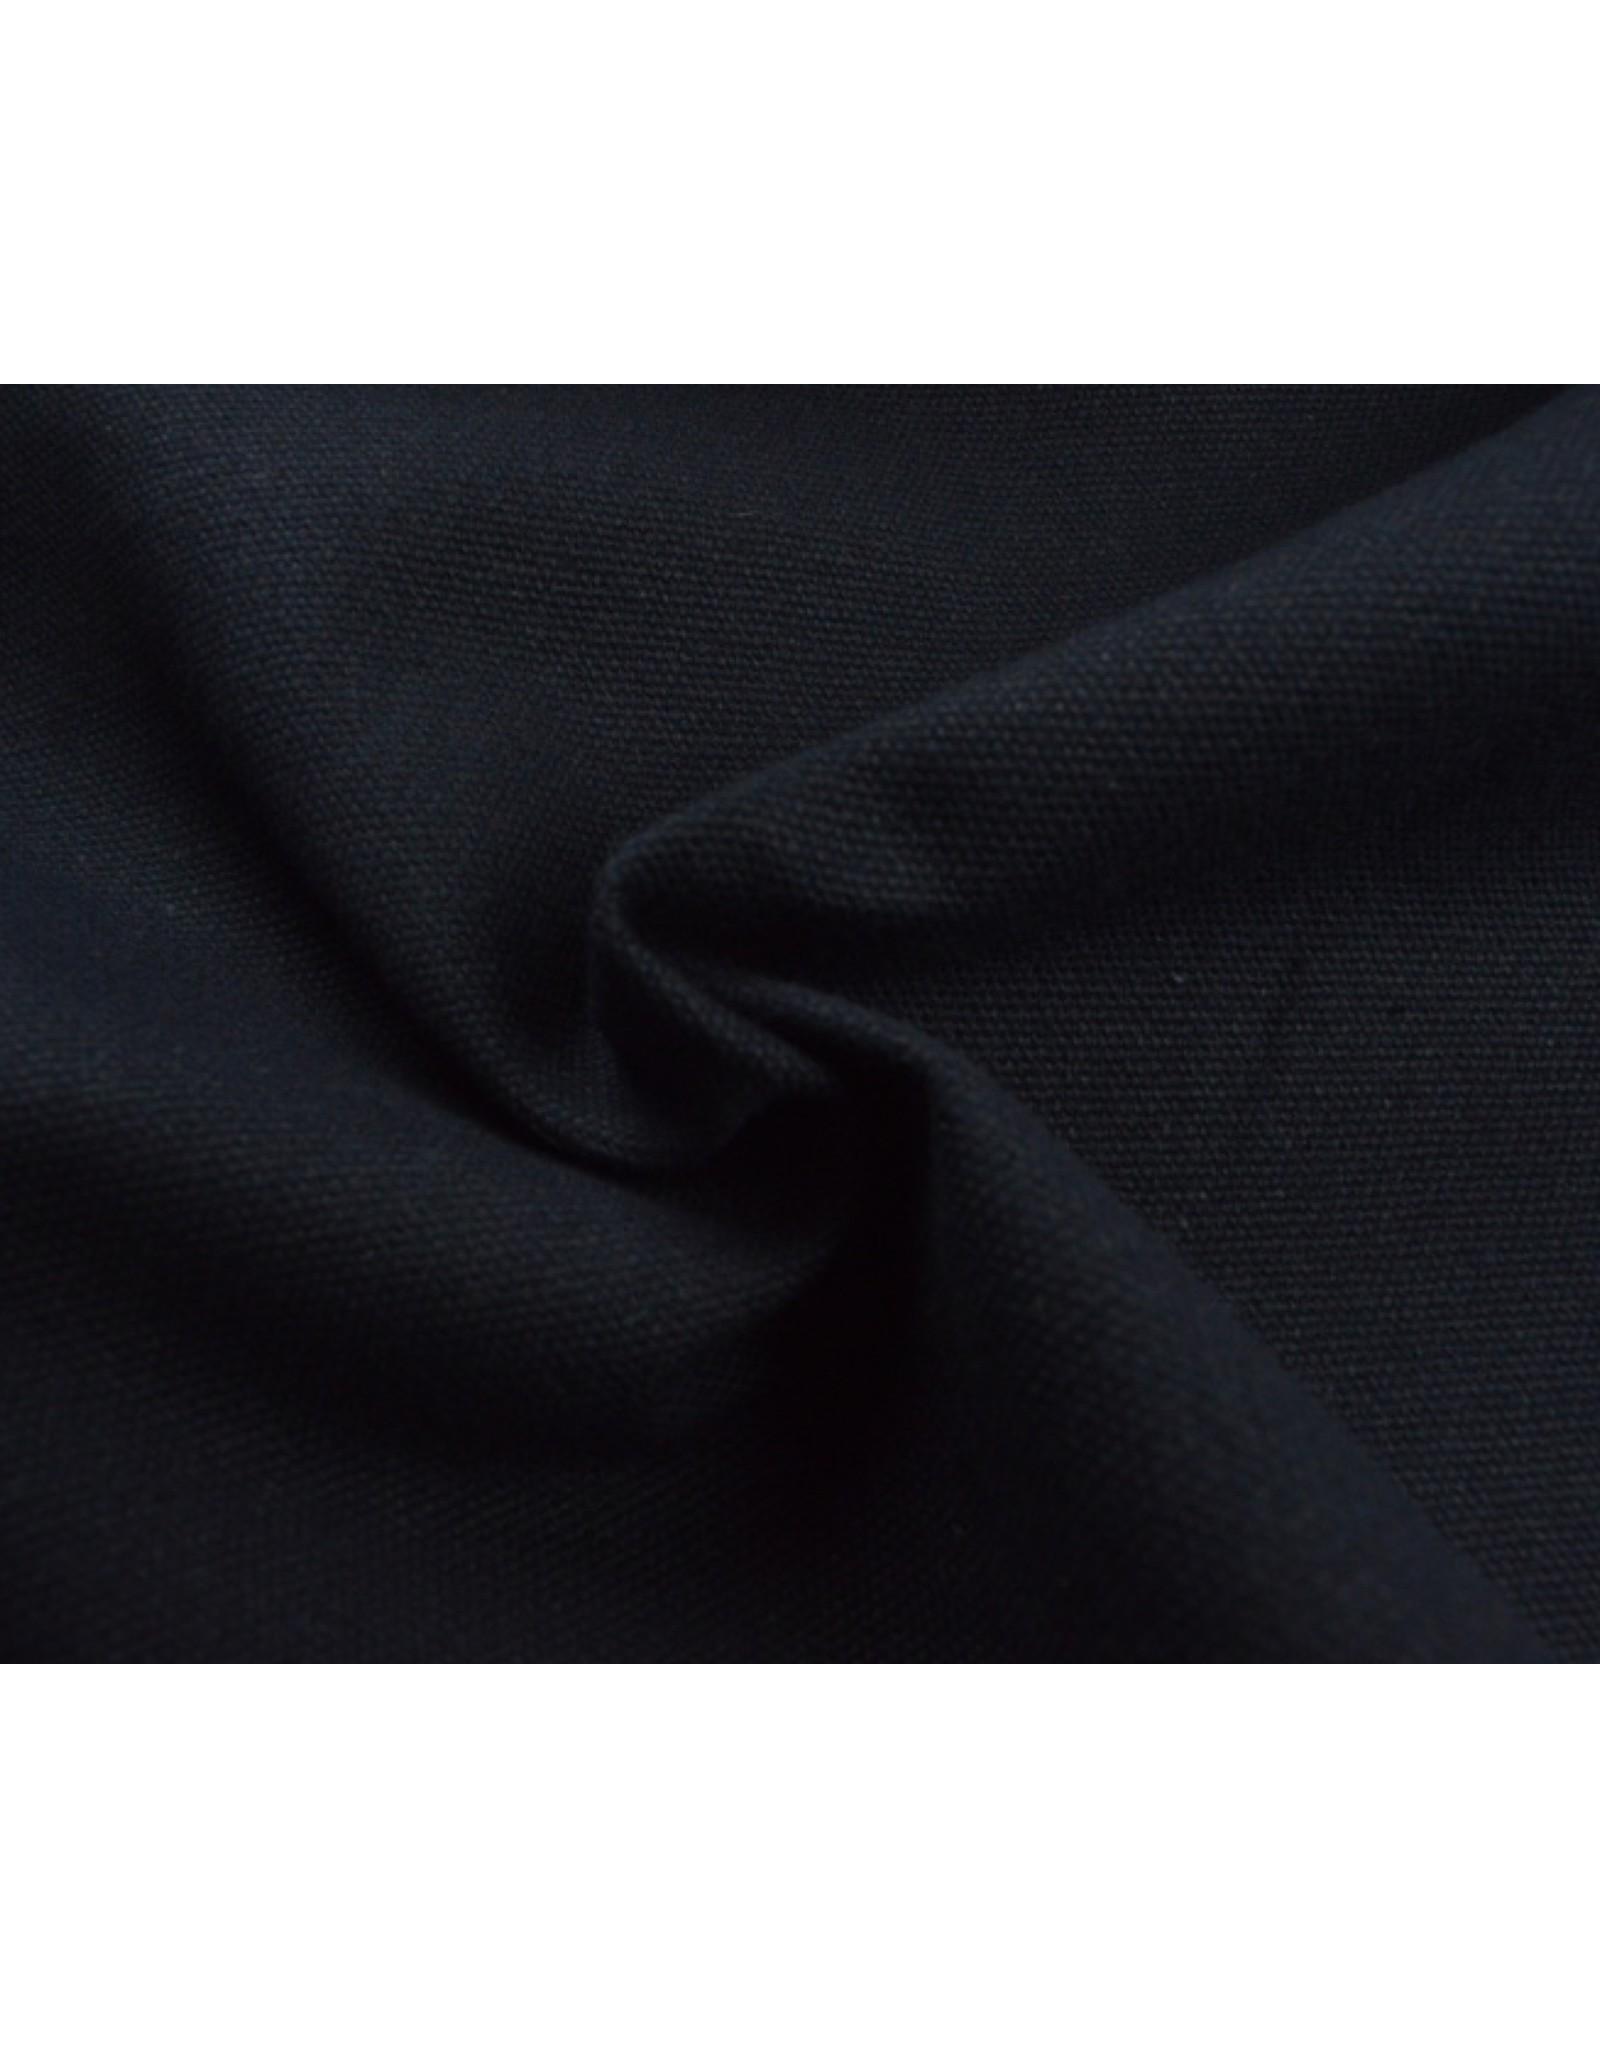 Kanvas stoff Uni - Navy (350 gr/m)